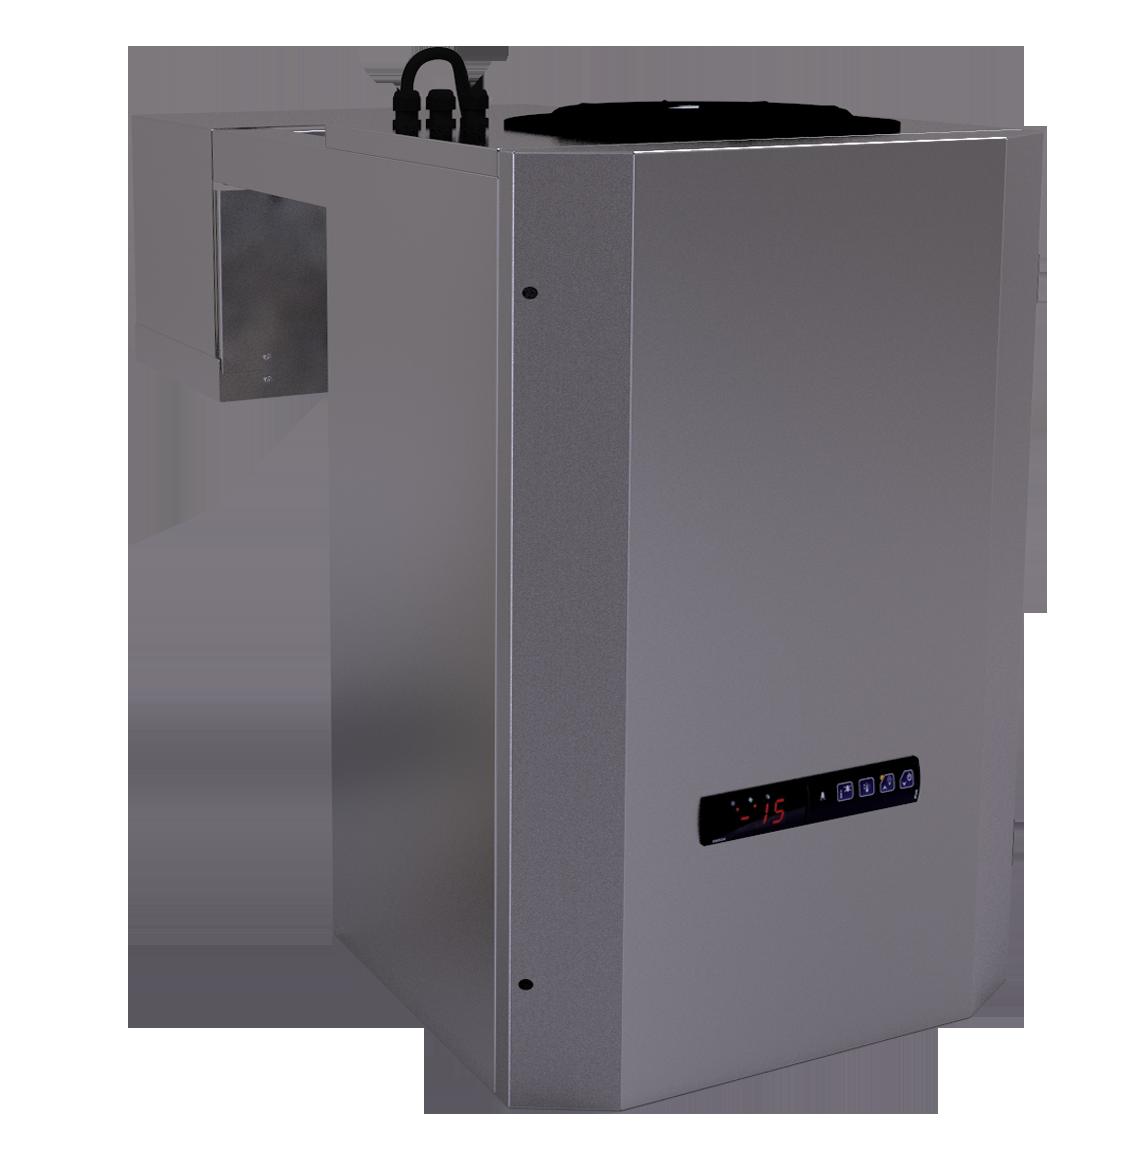 Tiefkühlaggregat Zinser ECO-Line M (früher HPT 40)